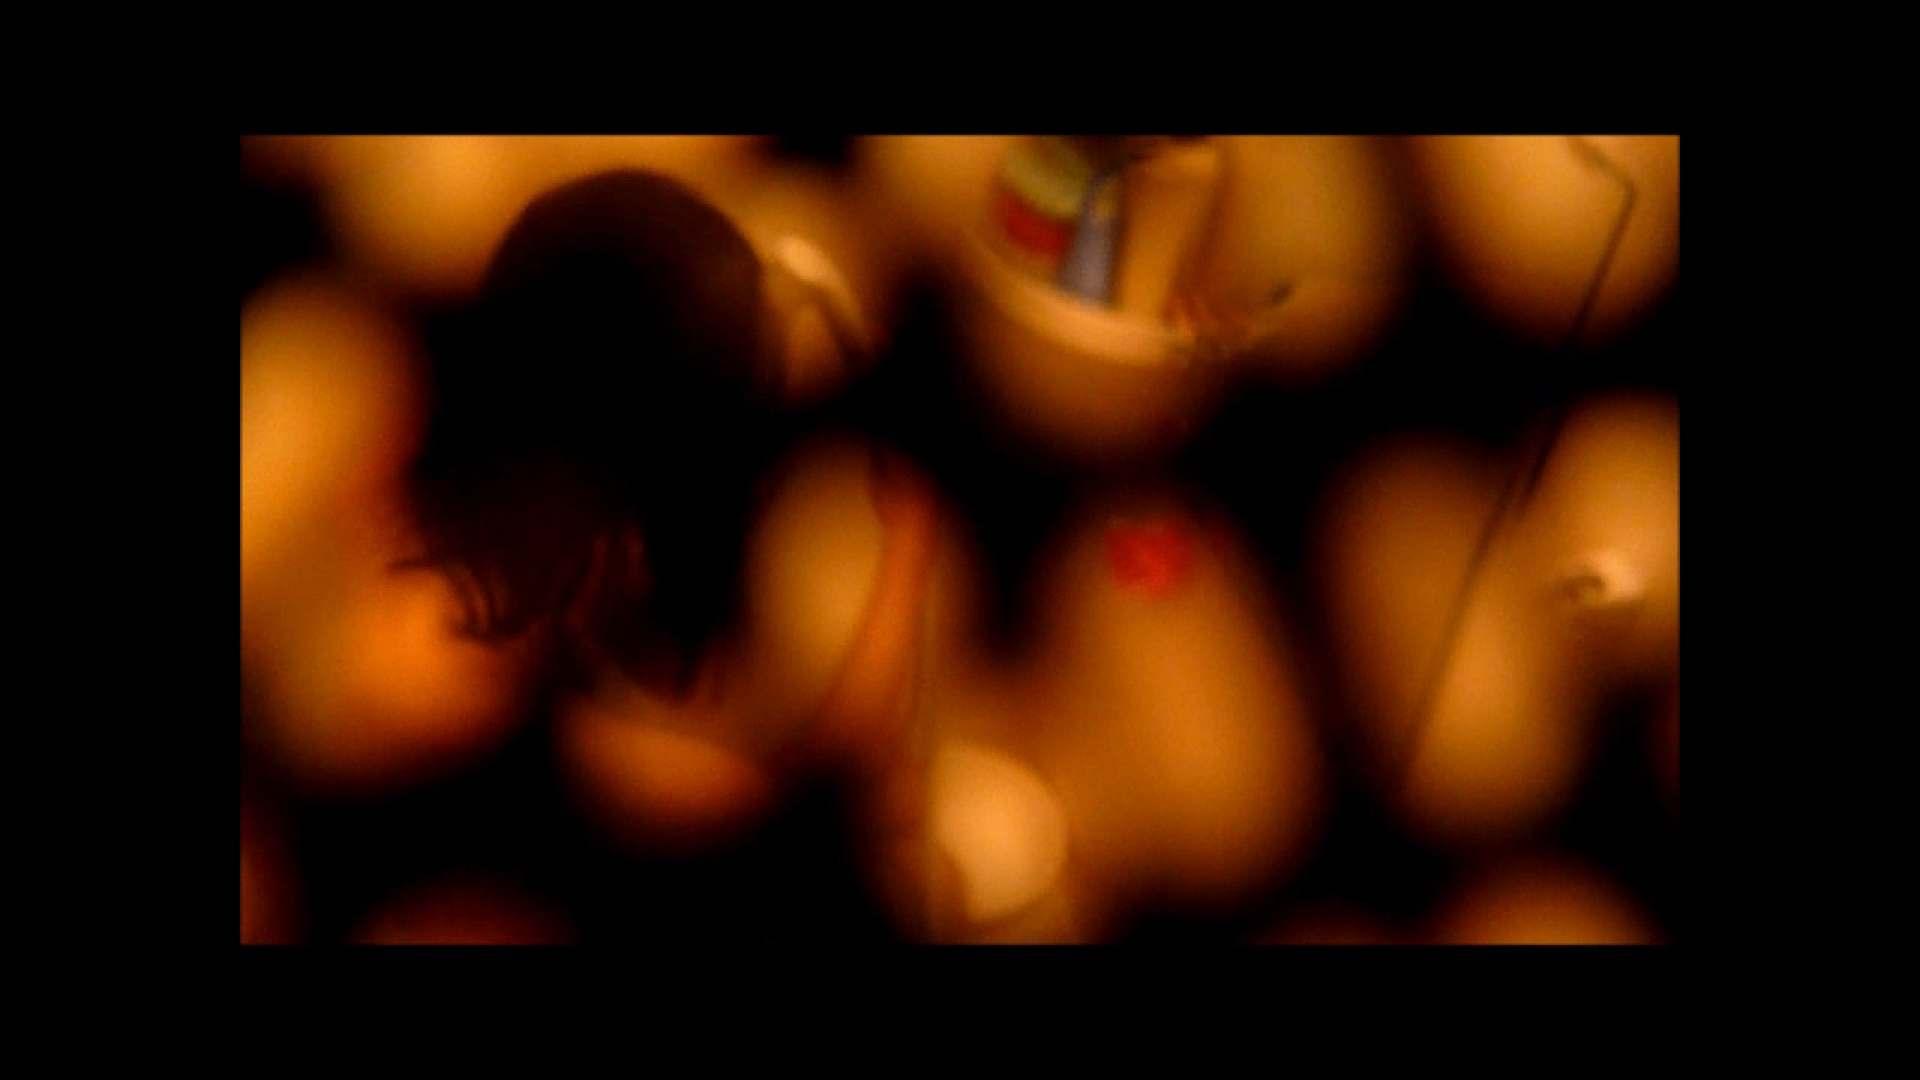 【02】ベランダに侵入して張り込みを始めて・・・やっと結果が出ました。 現役ギャル セックス無修正動画無料 79pic 72